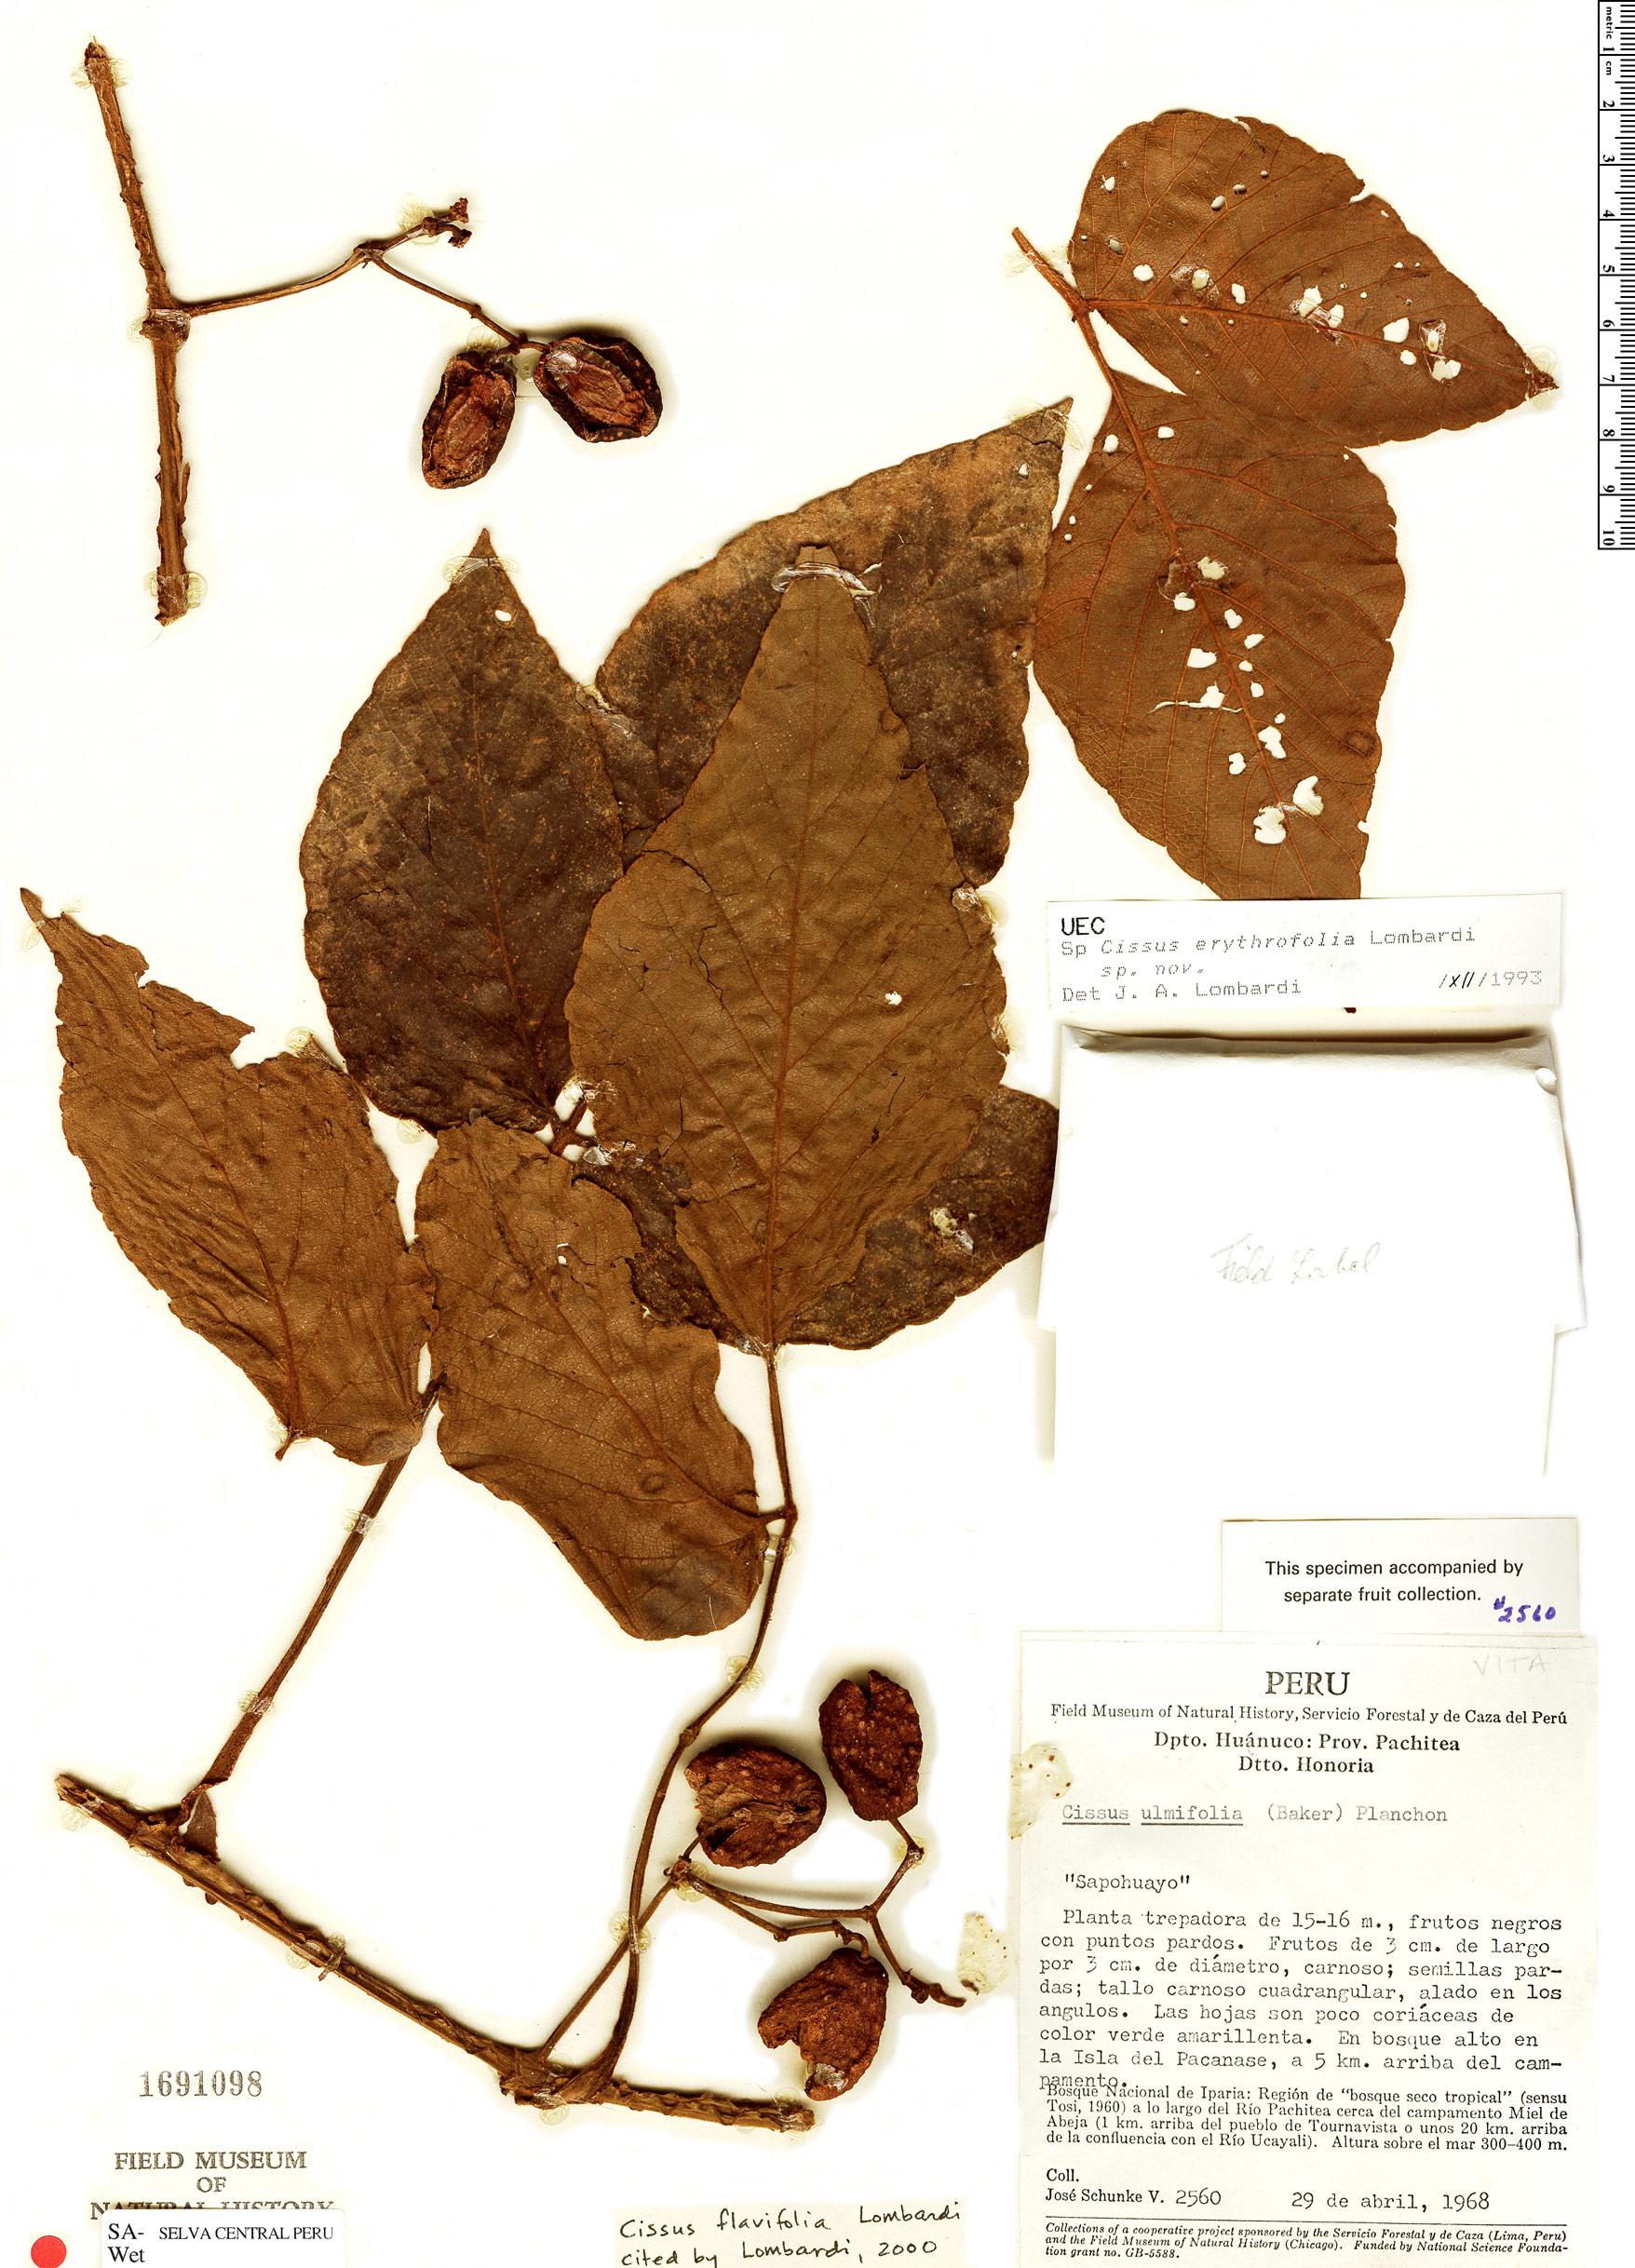 Specimen: Cissus flavifolia